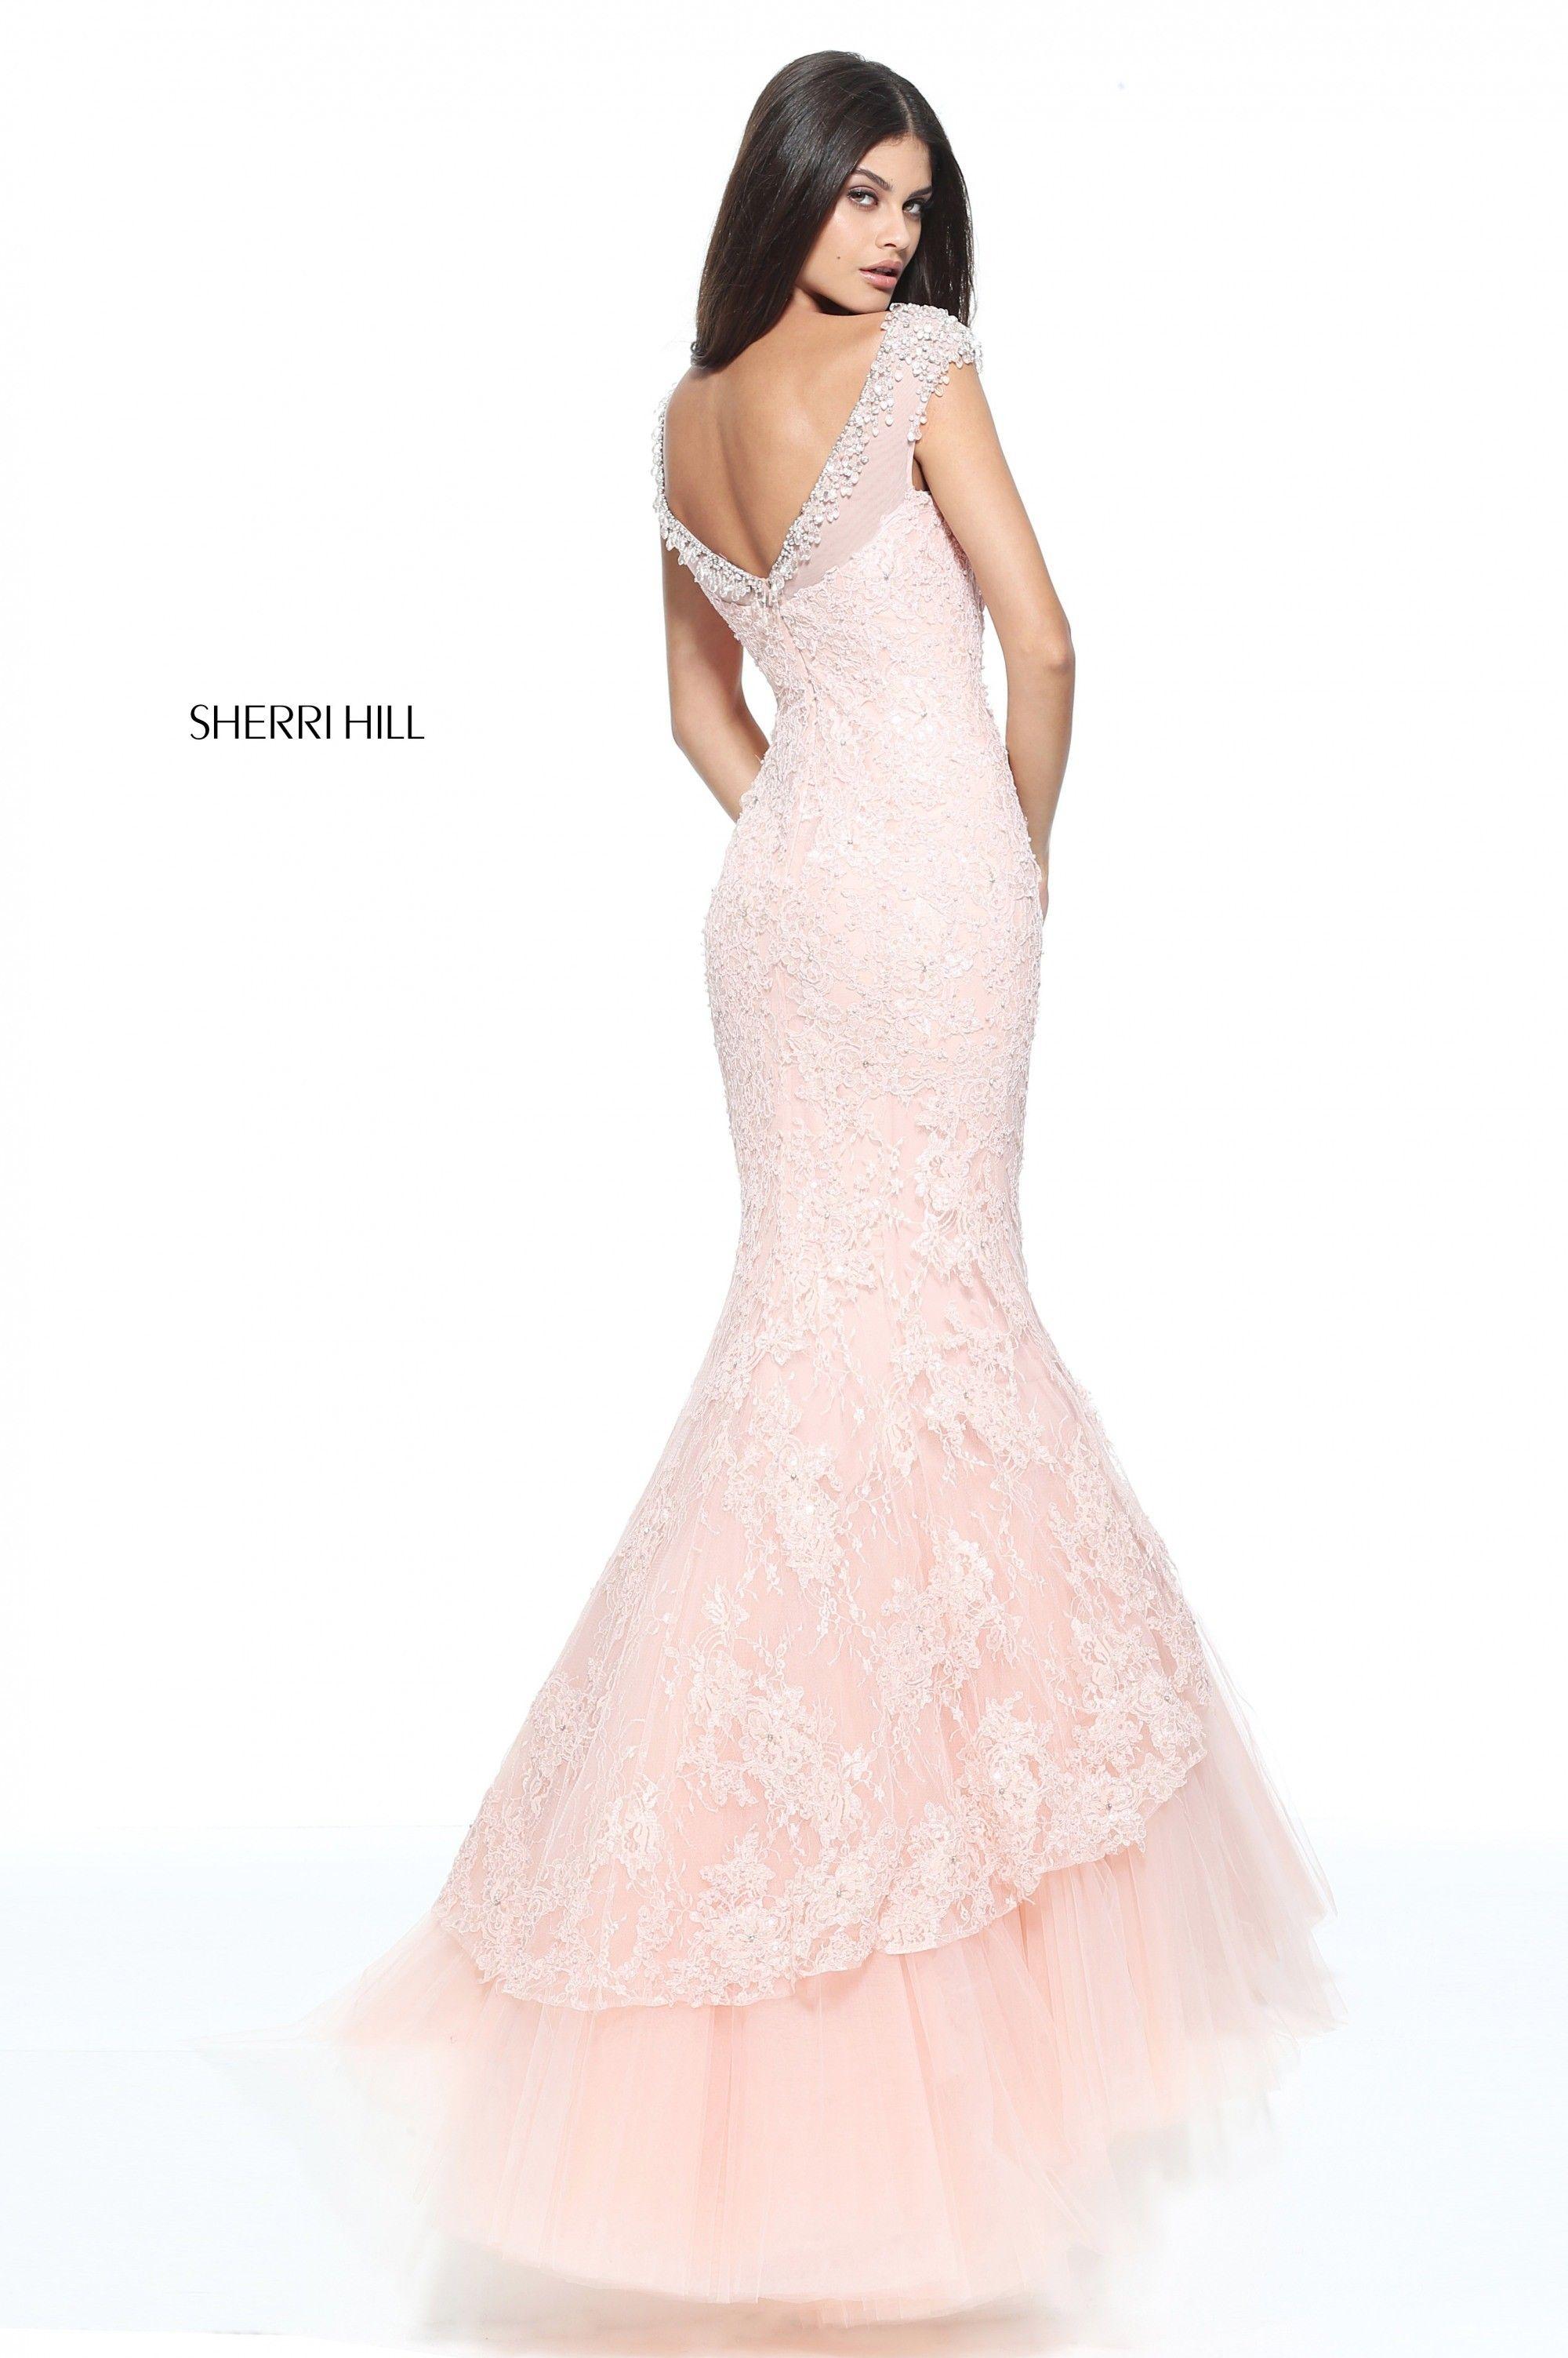 Sherri hill lace wedding dress  Sherri Hill  Prom Dress   Dresses   Pinterest  Prom